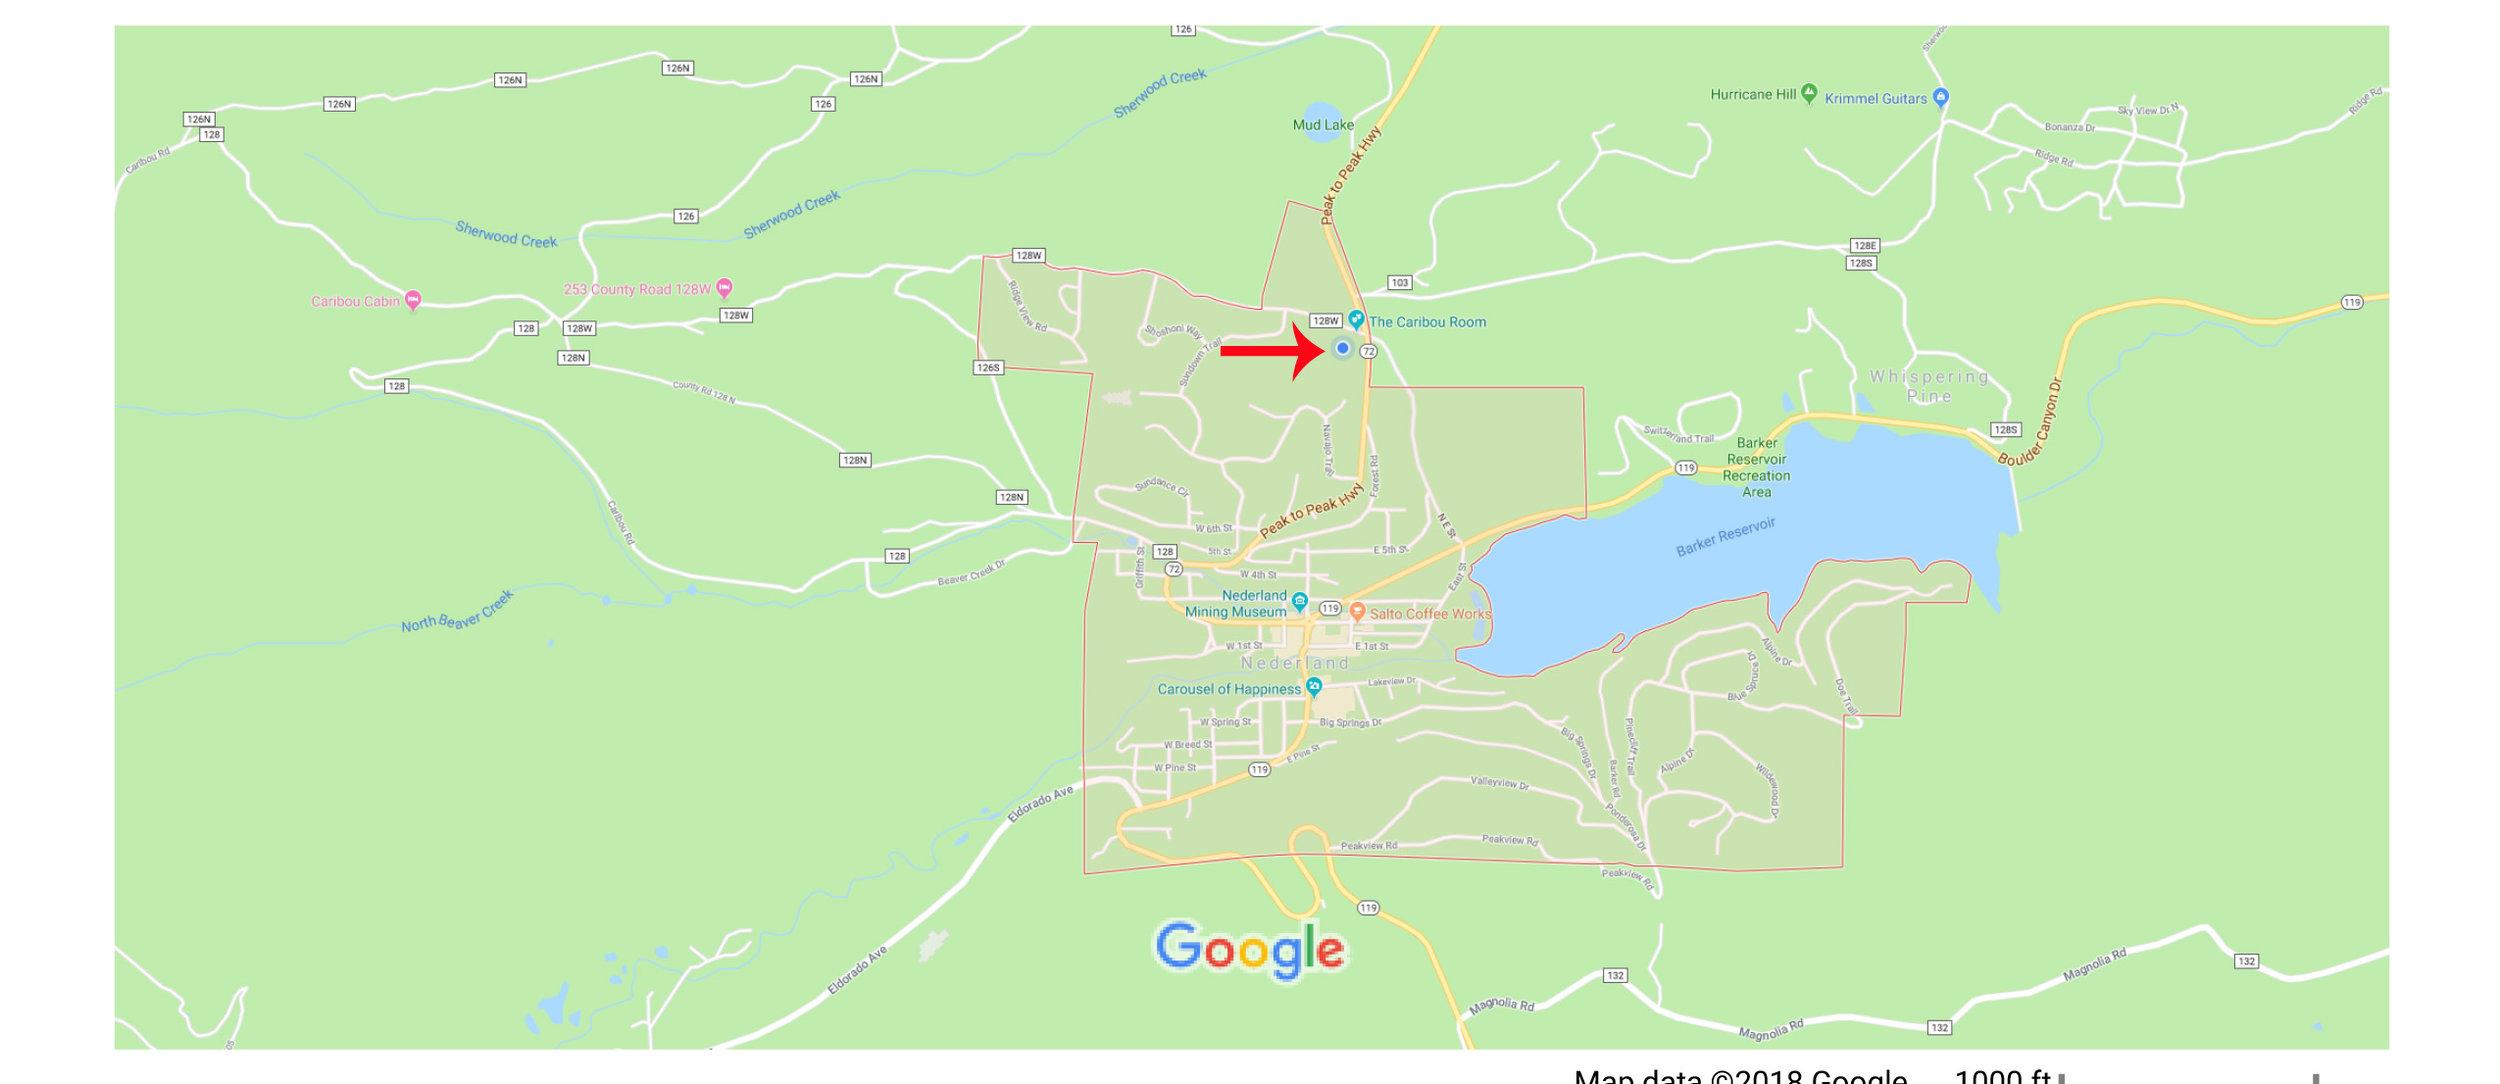 Nederland - The Caribou Room - Google Maps.jpg